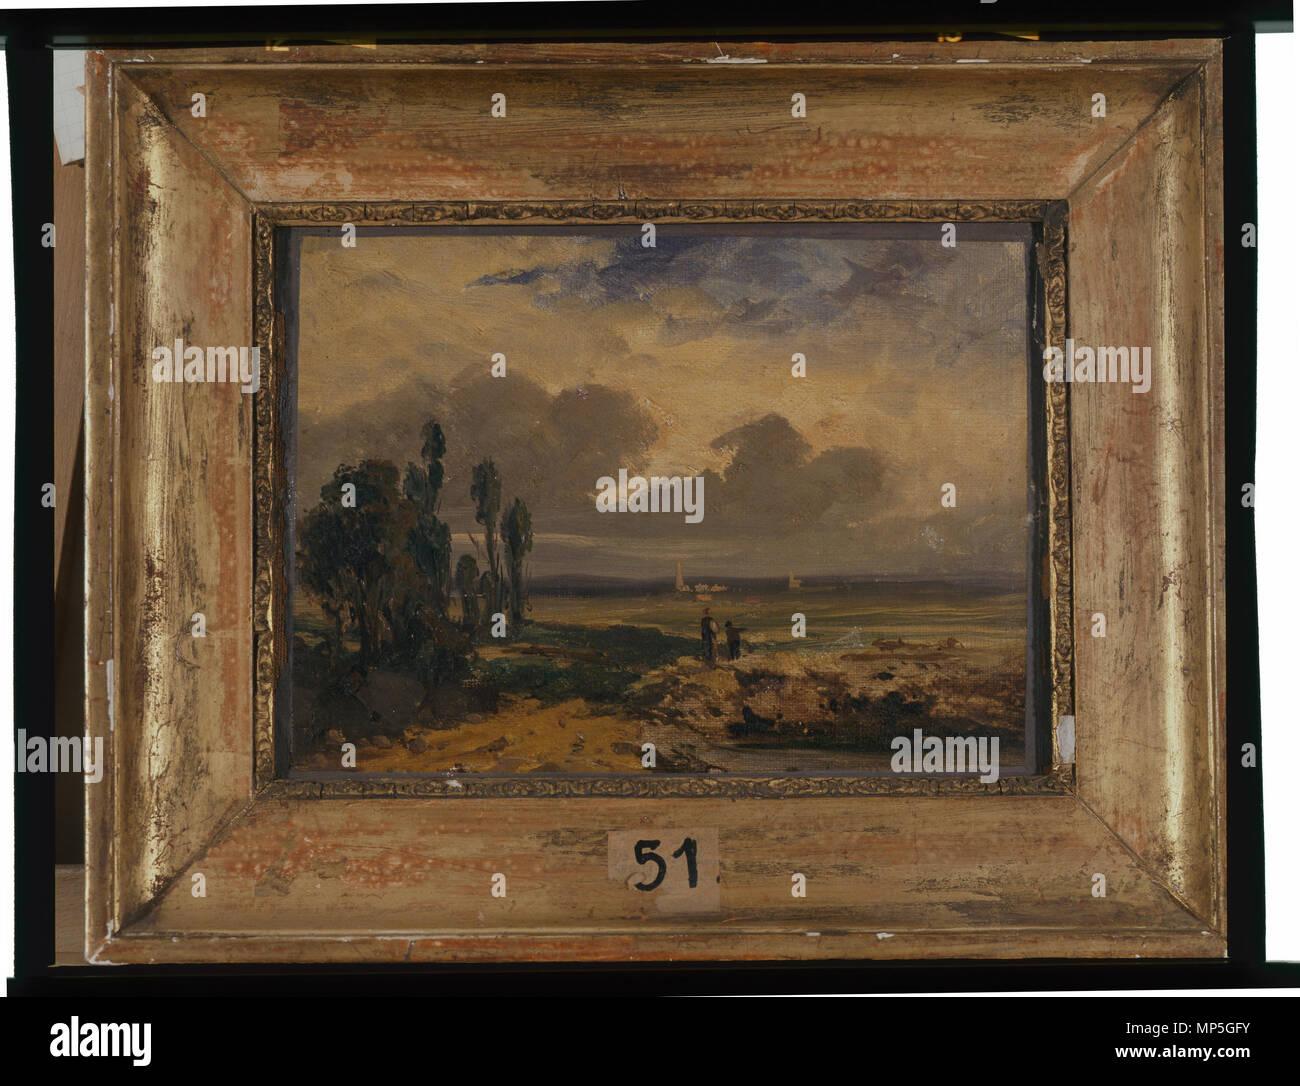 968 Paysage - anonyme - musée d'art et d'histoire de Saint-Brieuc, DOC 51 Banque D'Images